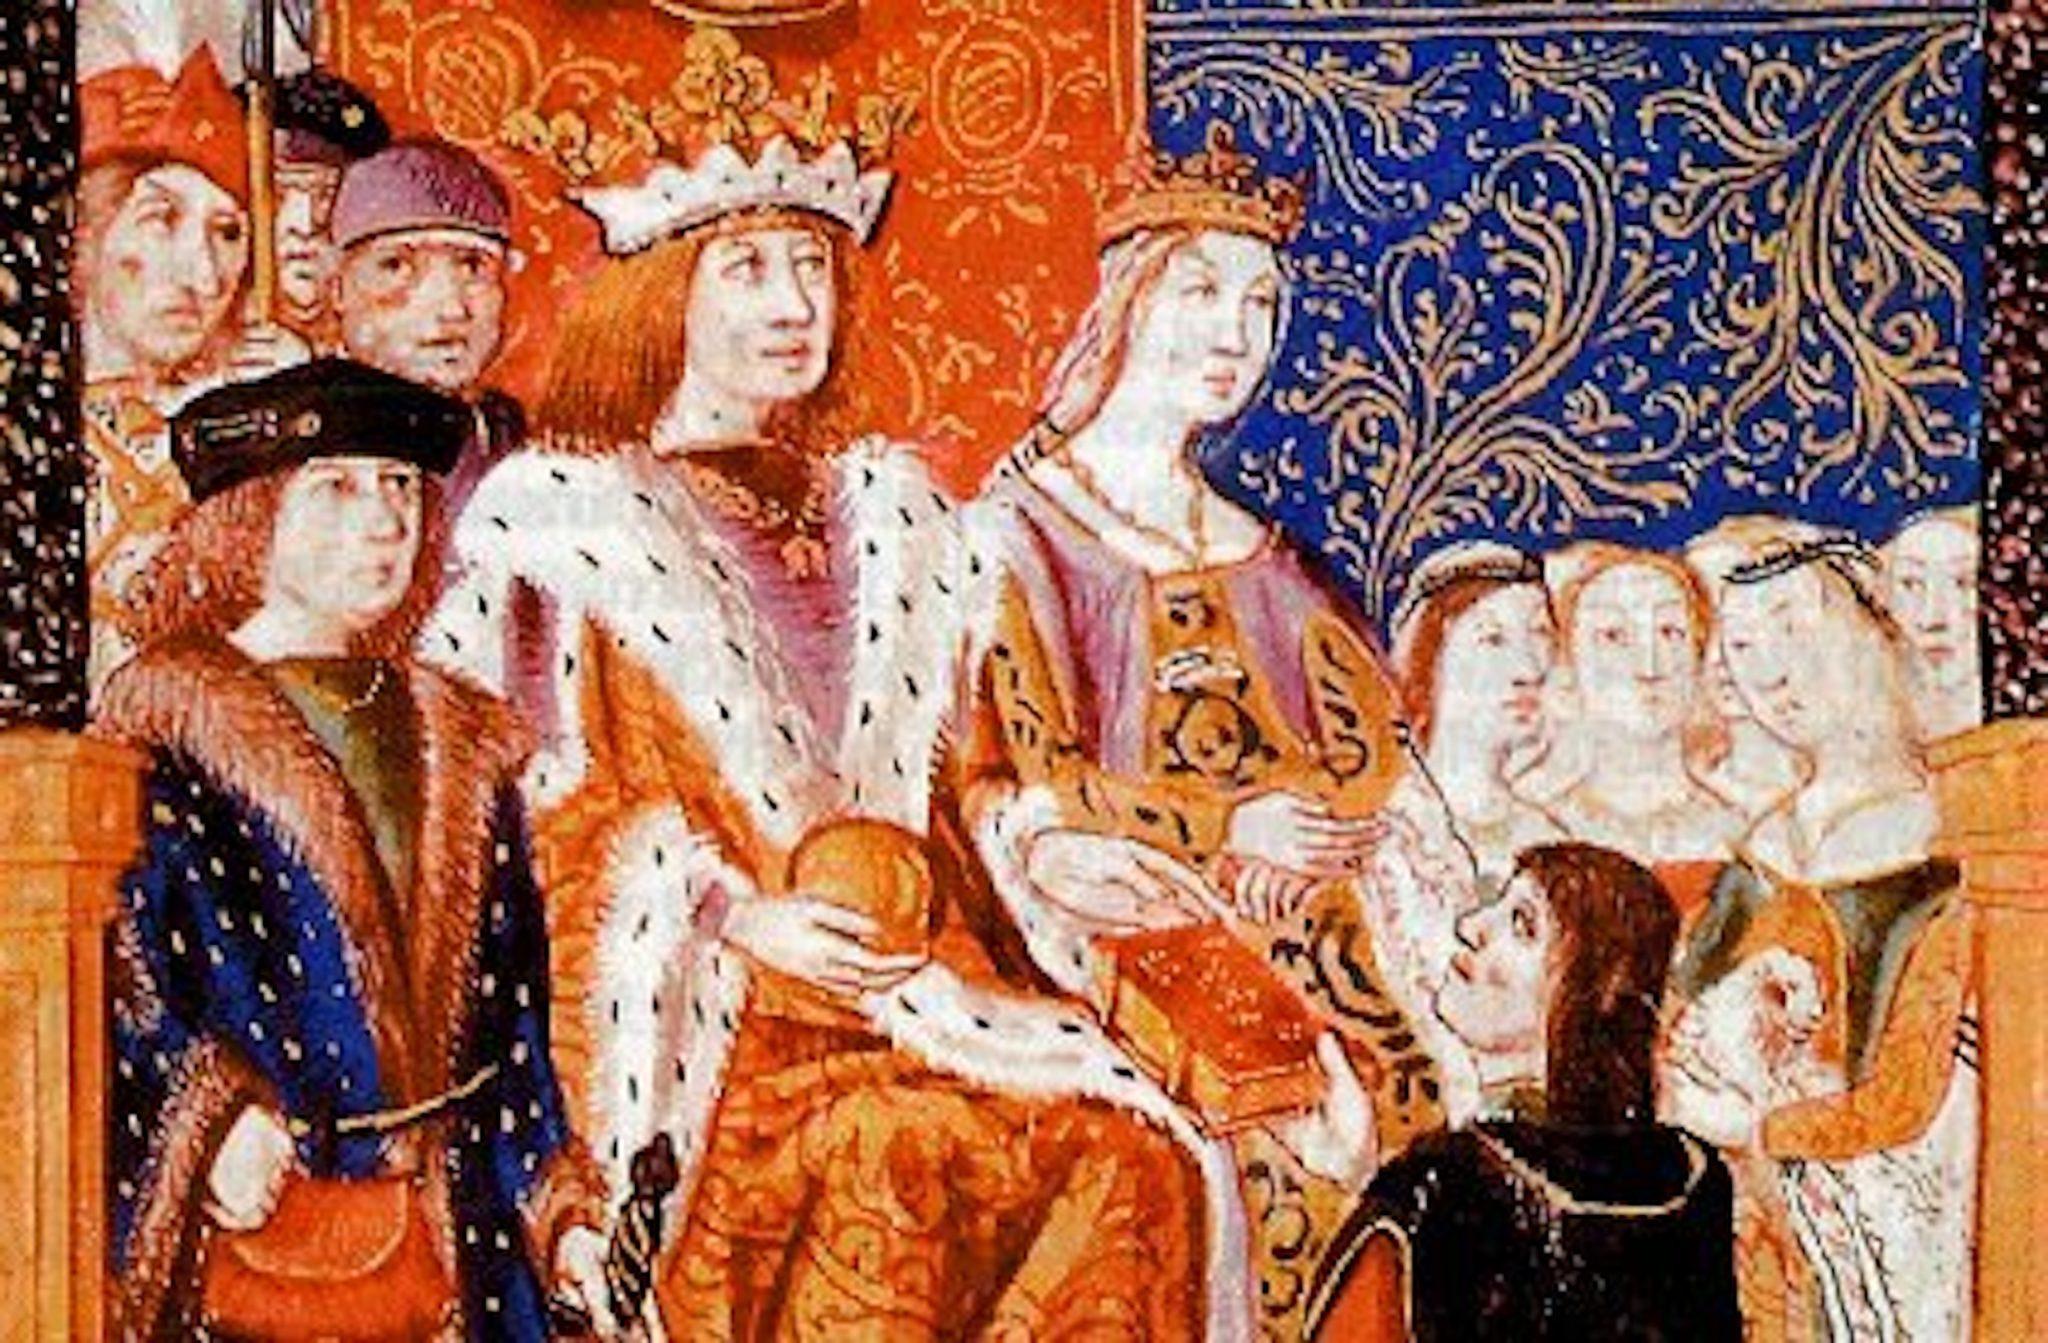 Ο Φερδινάνδος Β' της Αραγωνίας και η Ισαβέλλα Α' της Καστίλης, εισηγητές του Διατάγματος της Αλάμπρα, πηγή εικόνας: a8inea.com